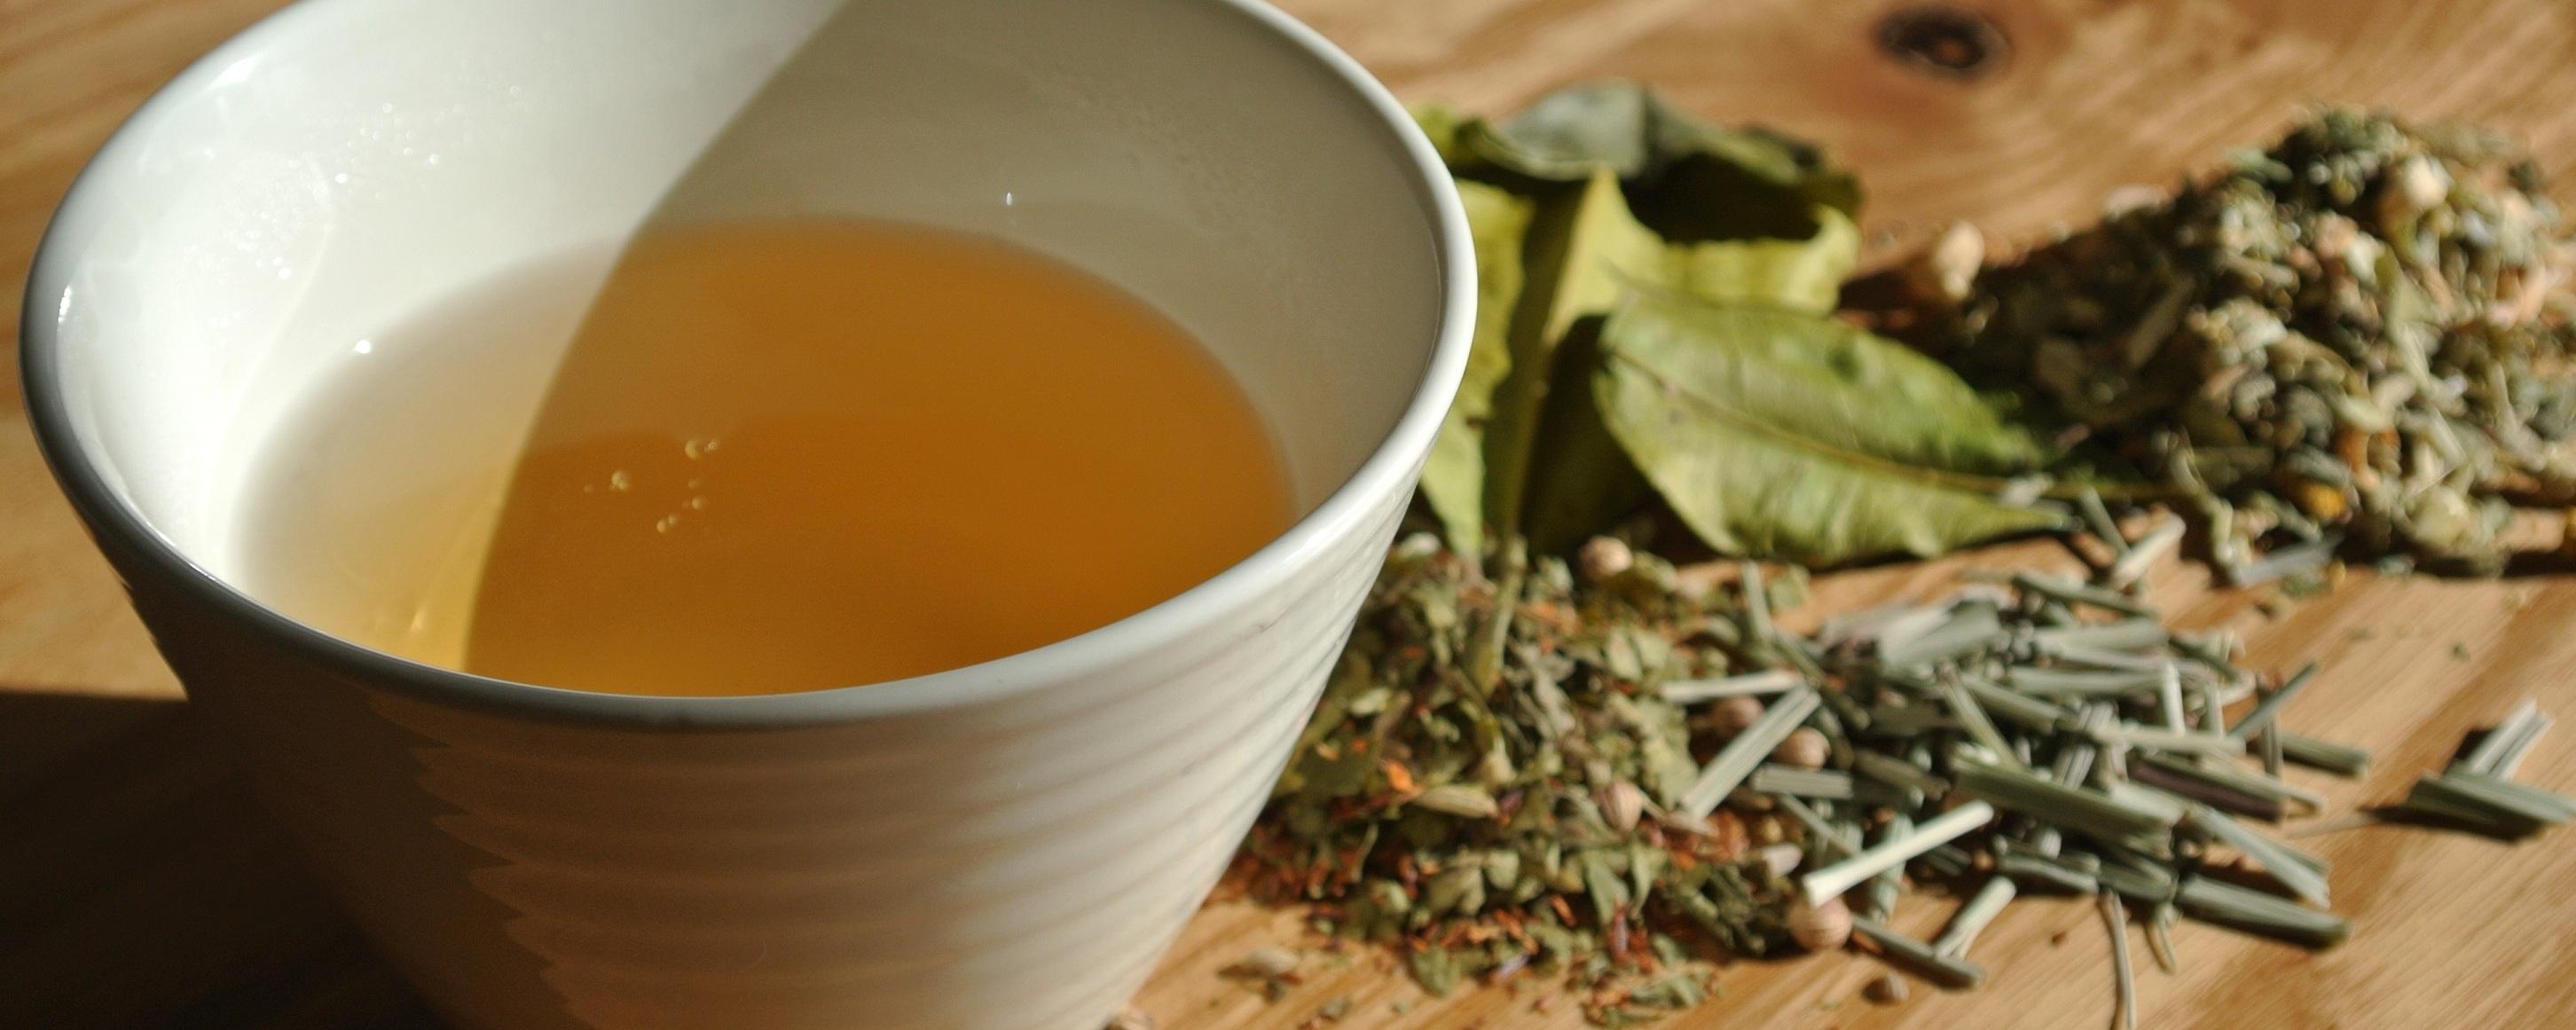 きれいと元気は健康から♪知っておきたい世界のお茶の基礎知識!のサムネイル画像